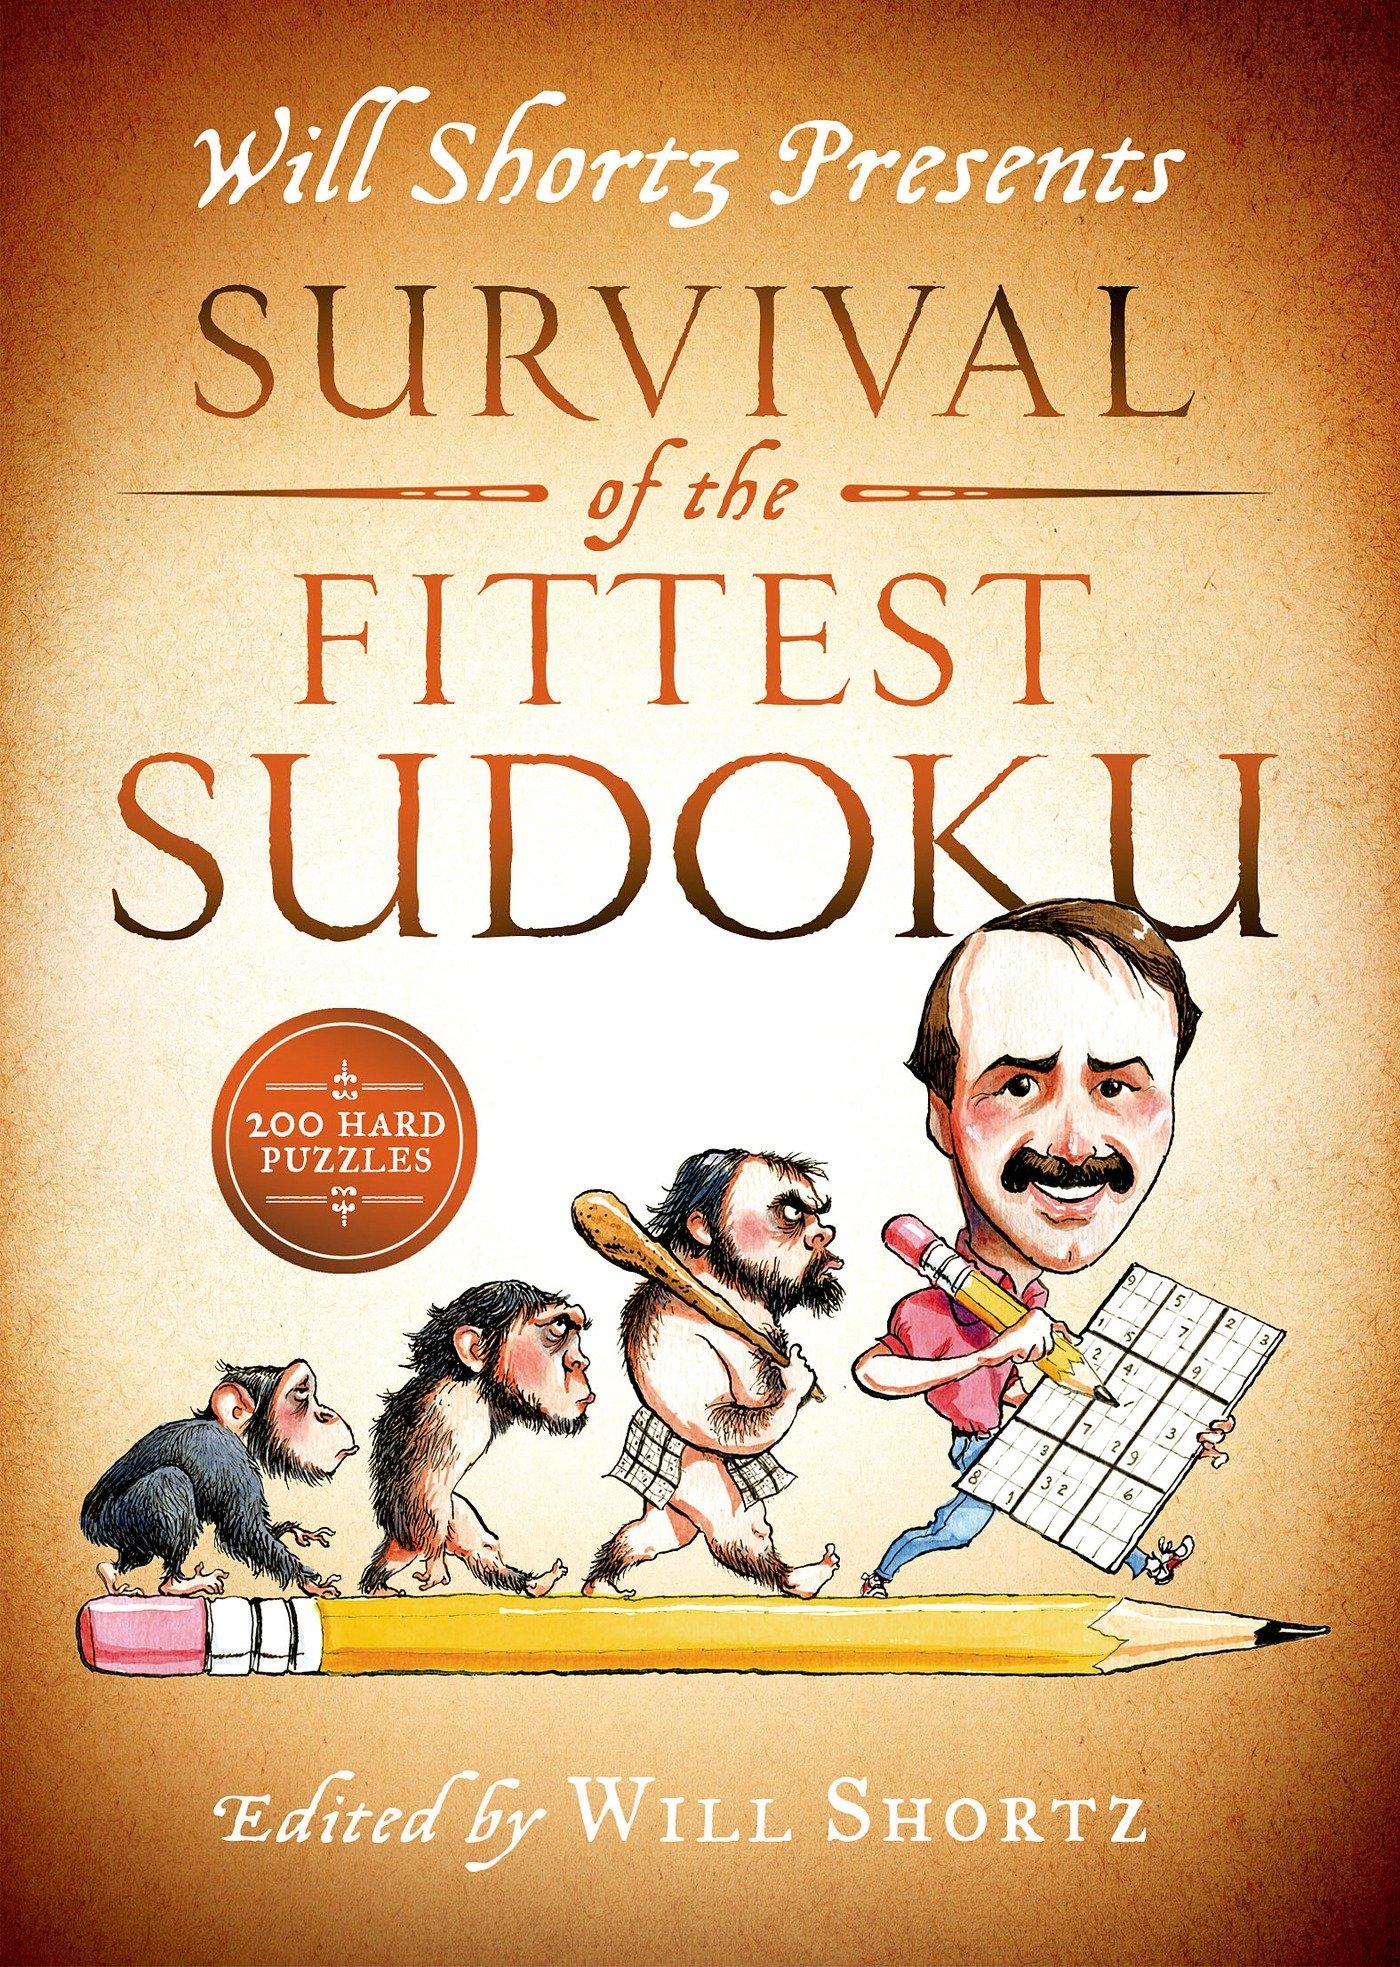 Shortz Presents Survival Fittest Sudoku